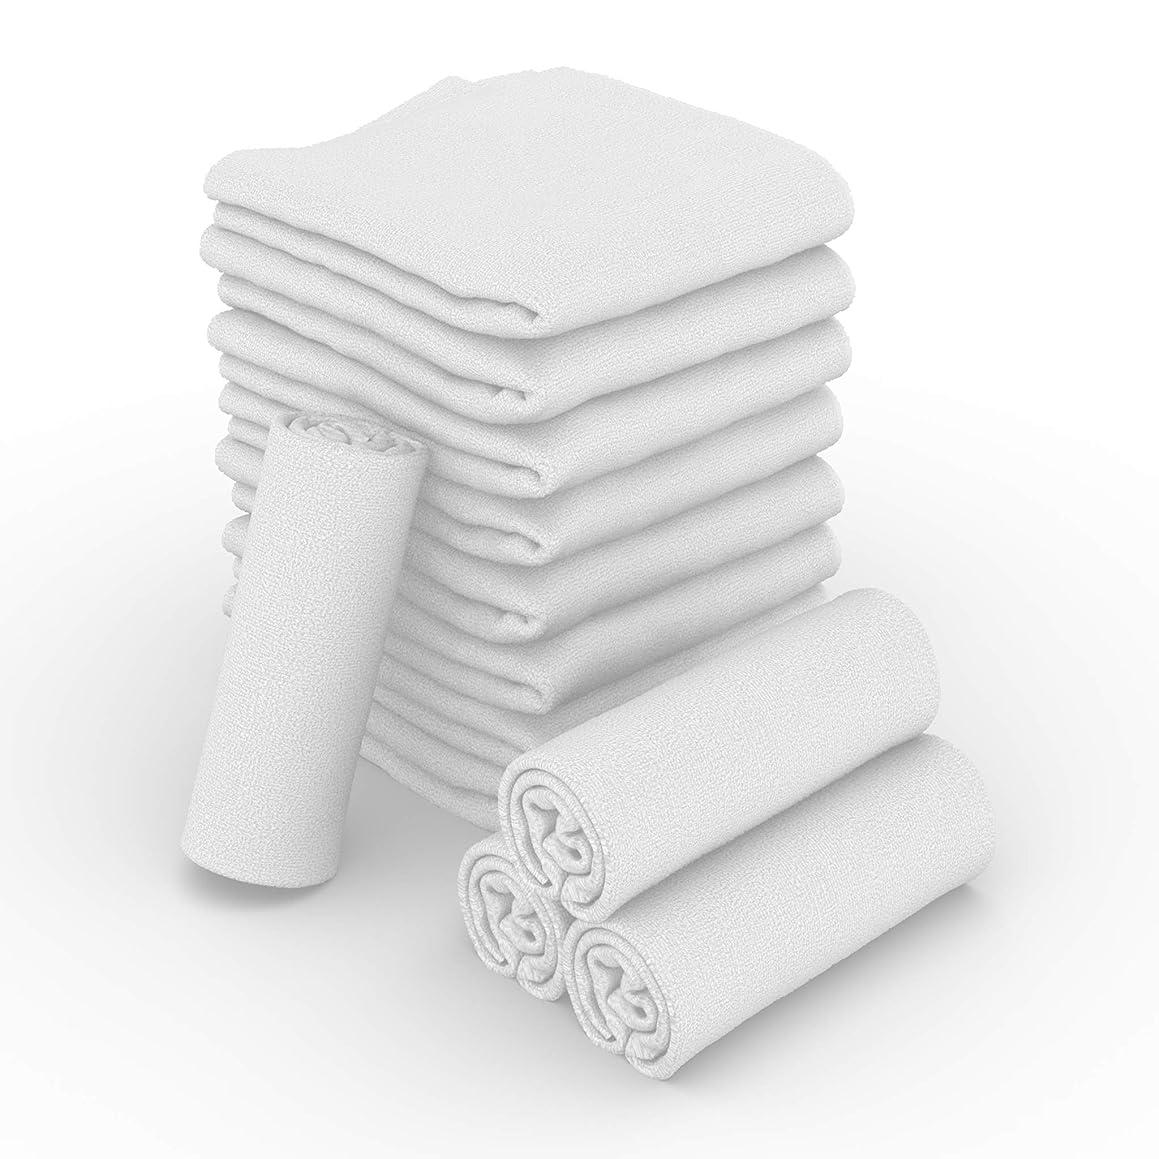 JMR White Terry 22x44 6.25lb 100% Cotton Bath Towels,12 pk